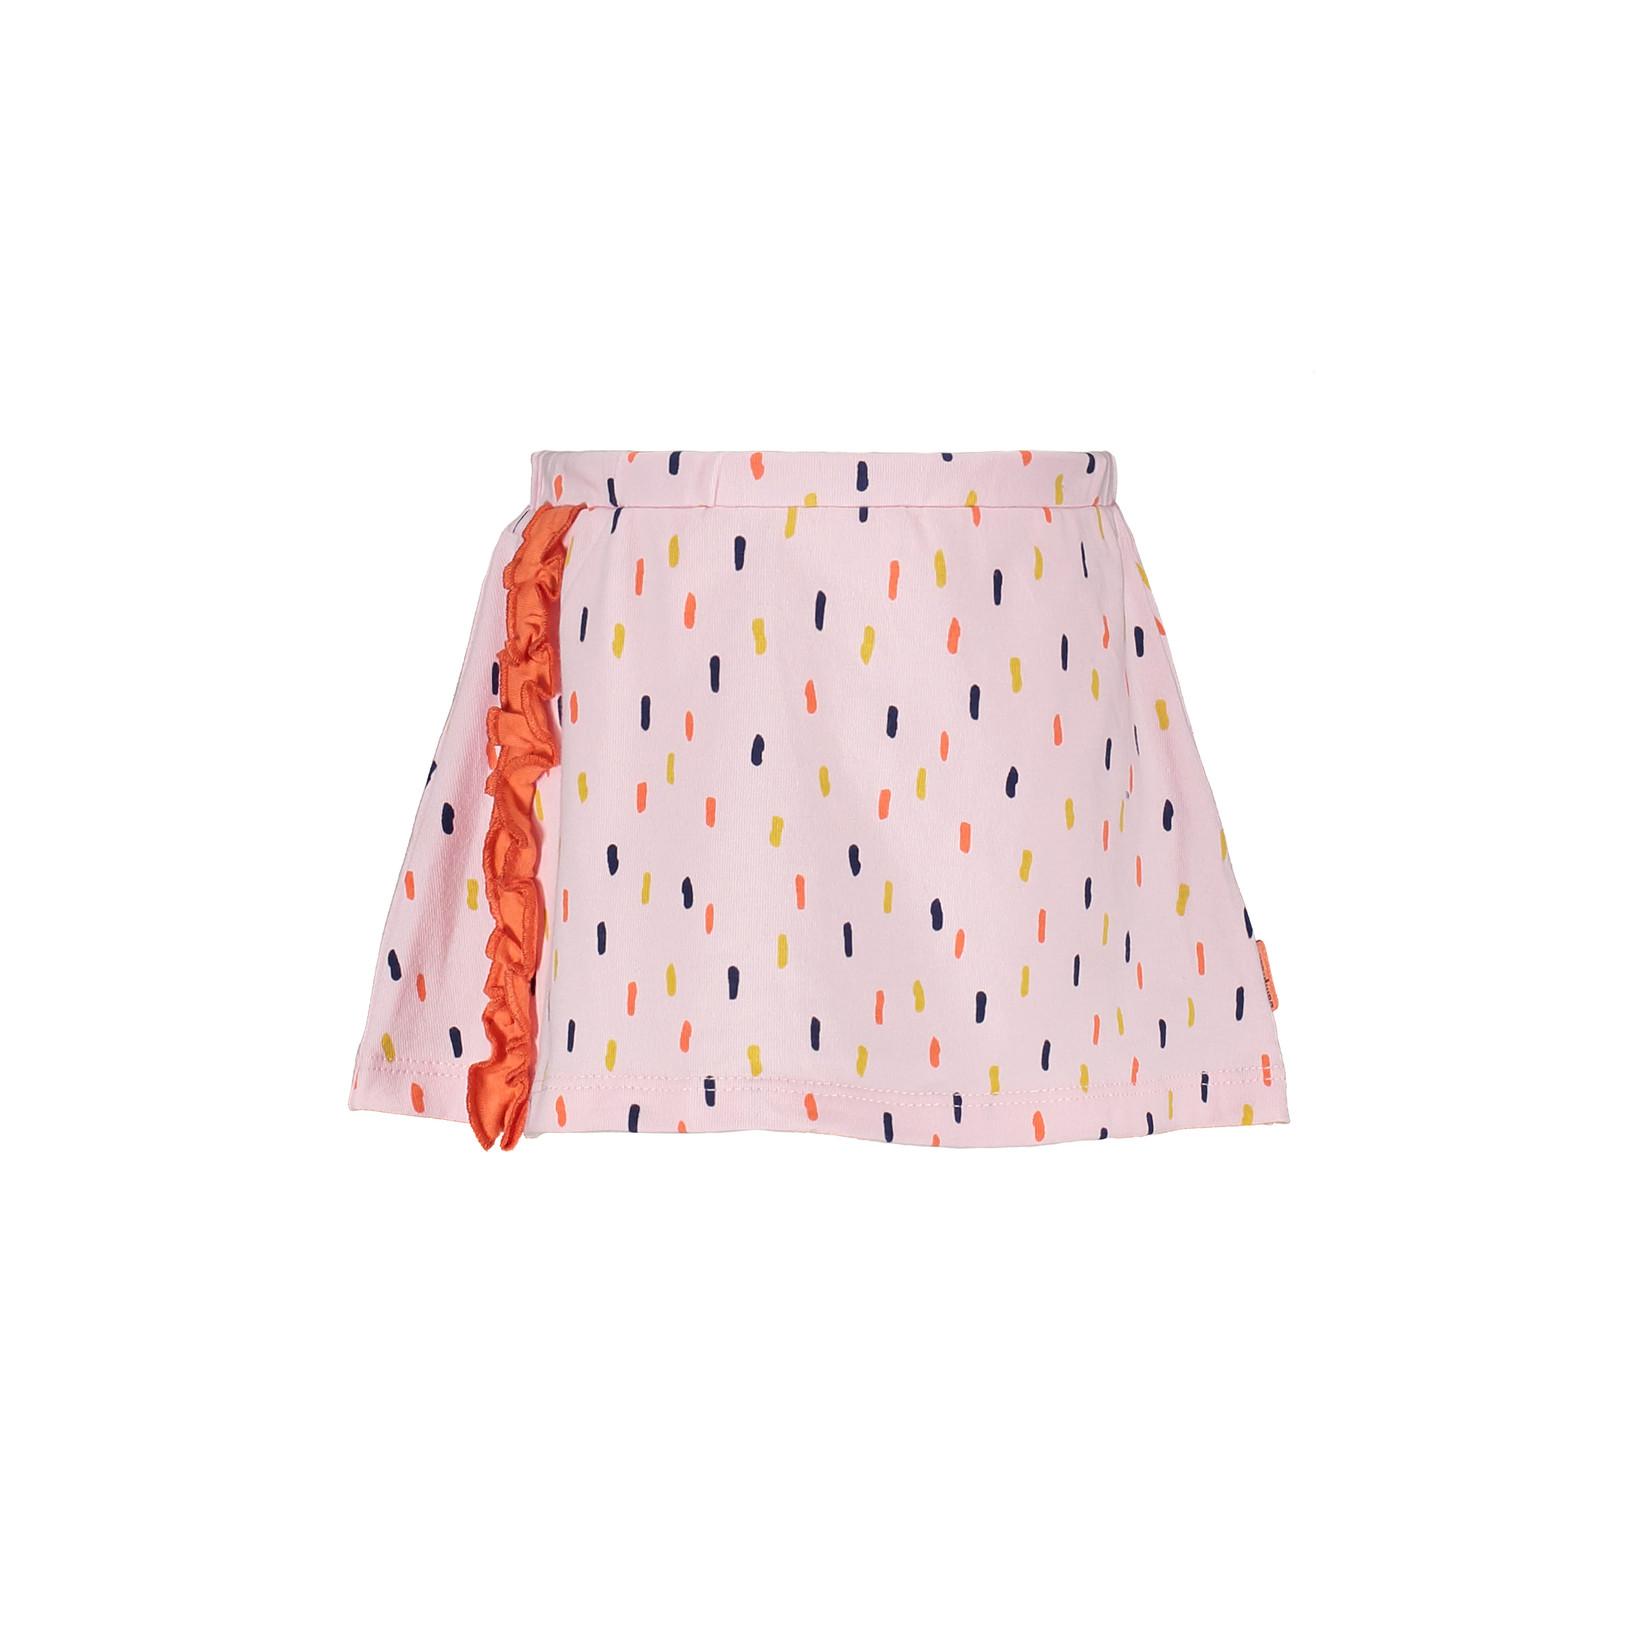 Little Bampidano Girls skirt Daphne AO with ruffle FLOWER